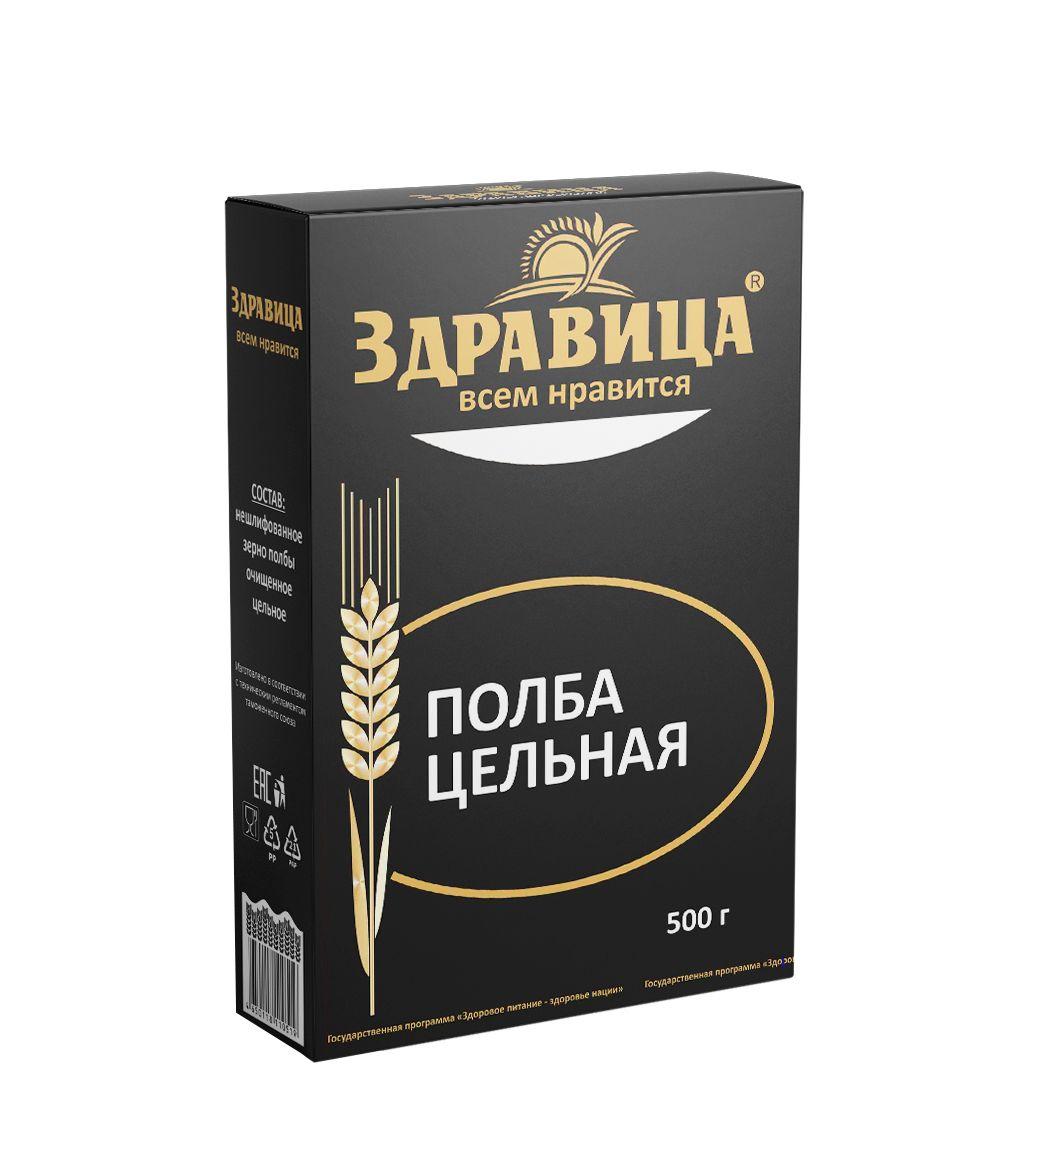 """Zdravitsa / Spelled whole """"Zdravitsa"""" 500 g"""